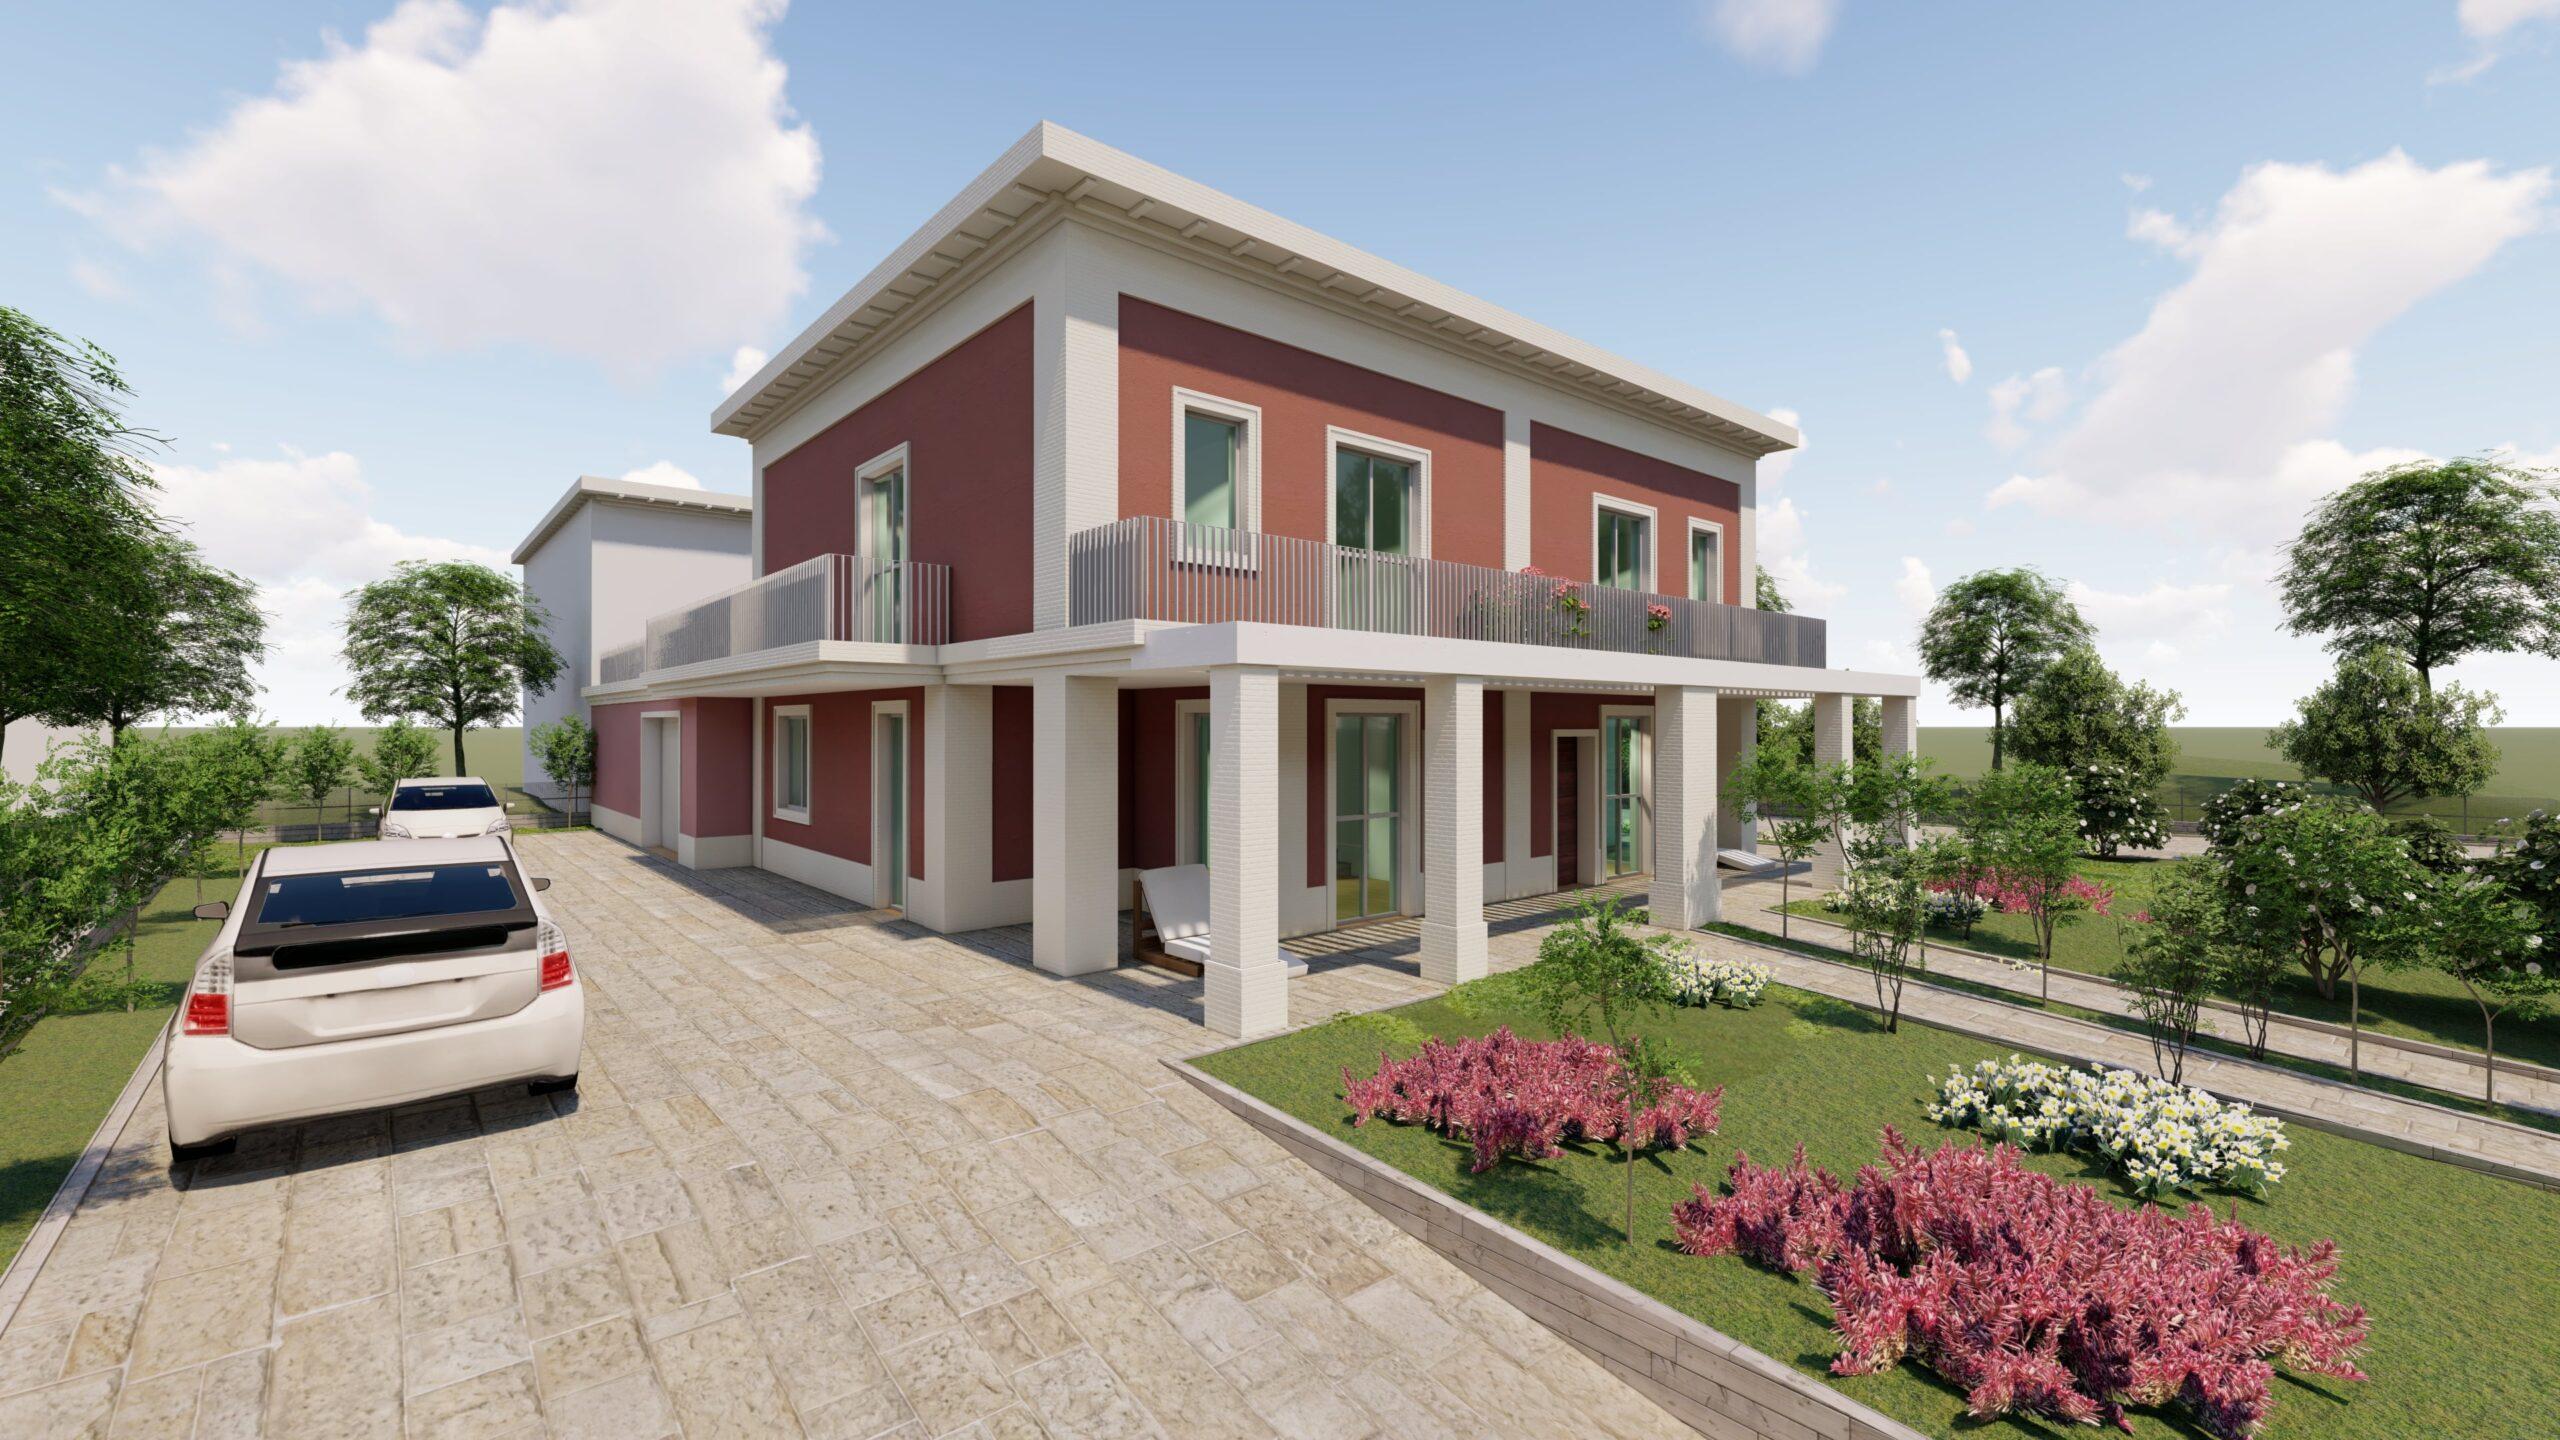 Mercurio Architettura Ingegneria-super bonus-ortona progetto-1